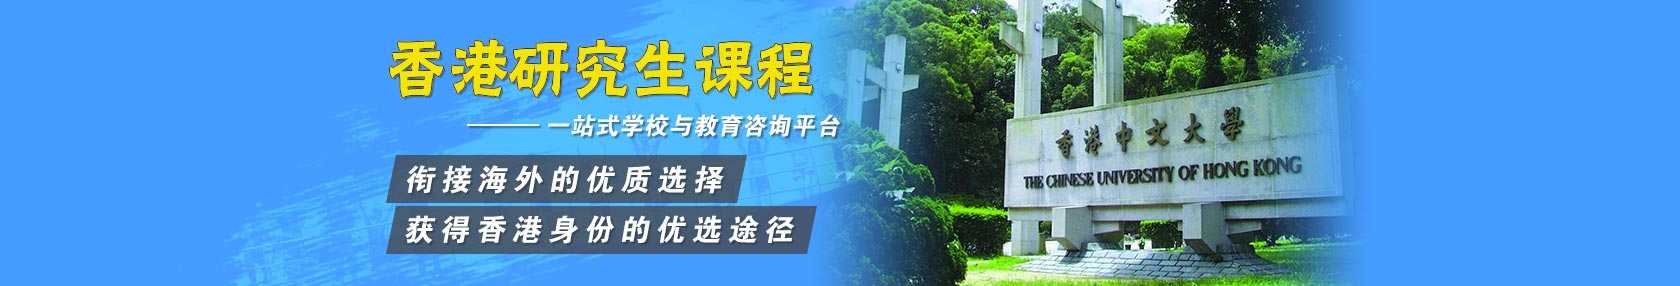 香港大学研究生招生,获得香港身份的最佳途径